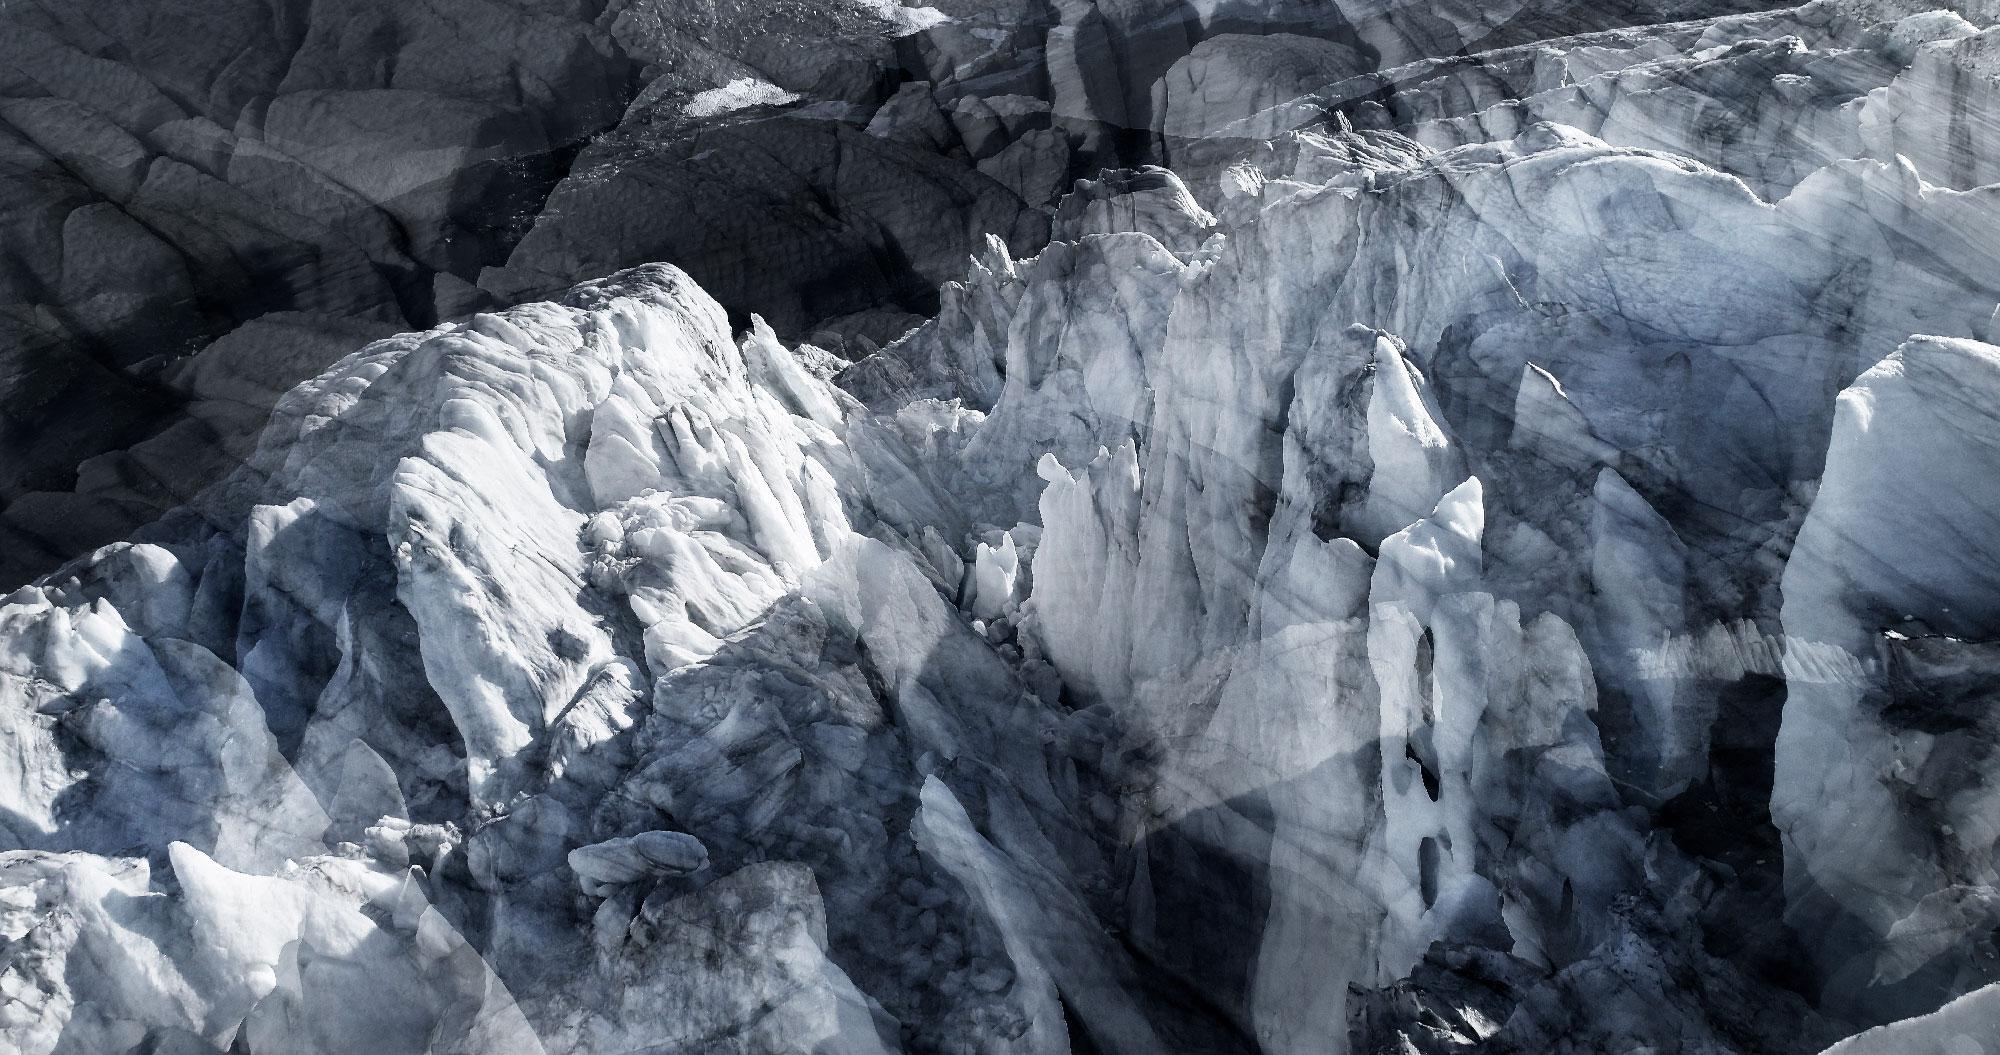 #137 Glaciers offset, 2017, photographie reconstruite à partir de bandes videos, réalisées sur le glacier de Moiry